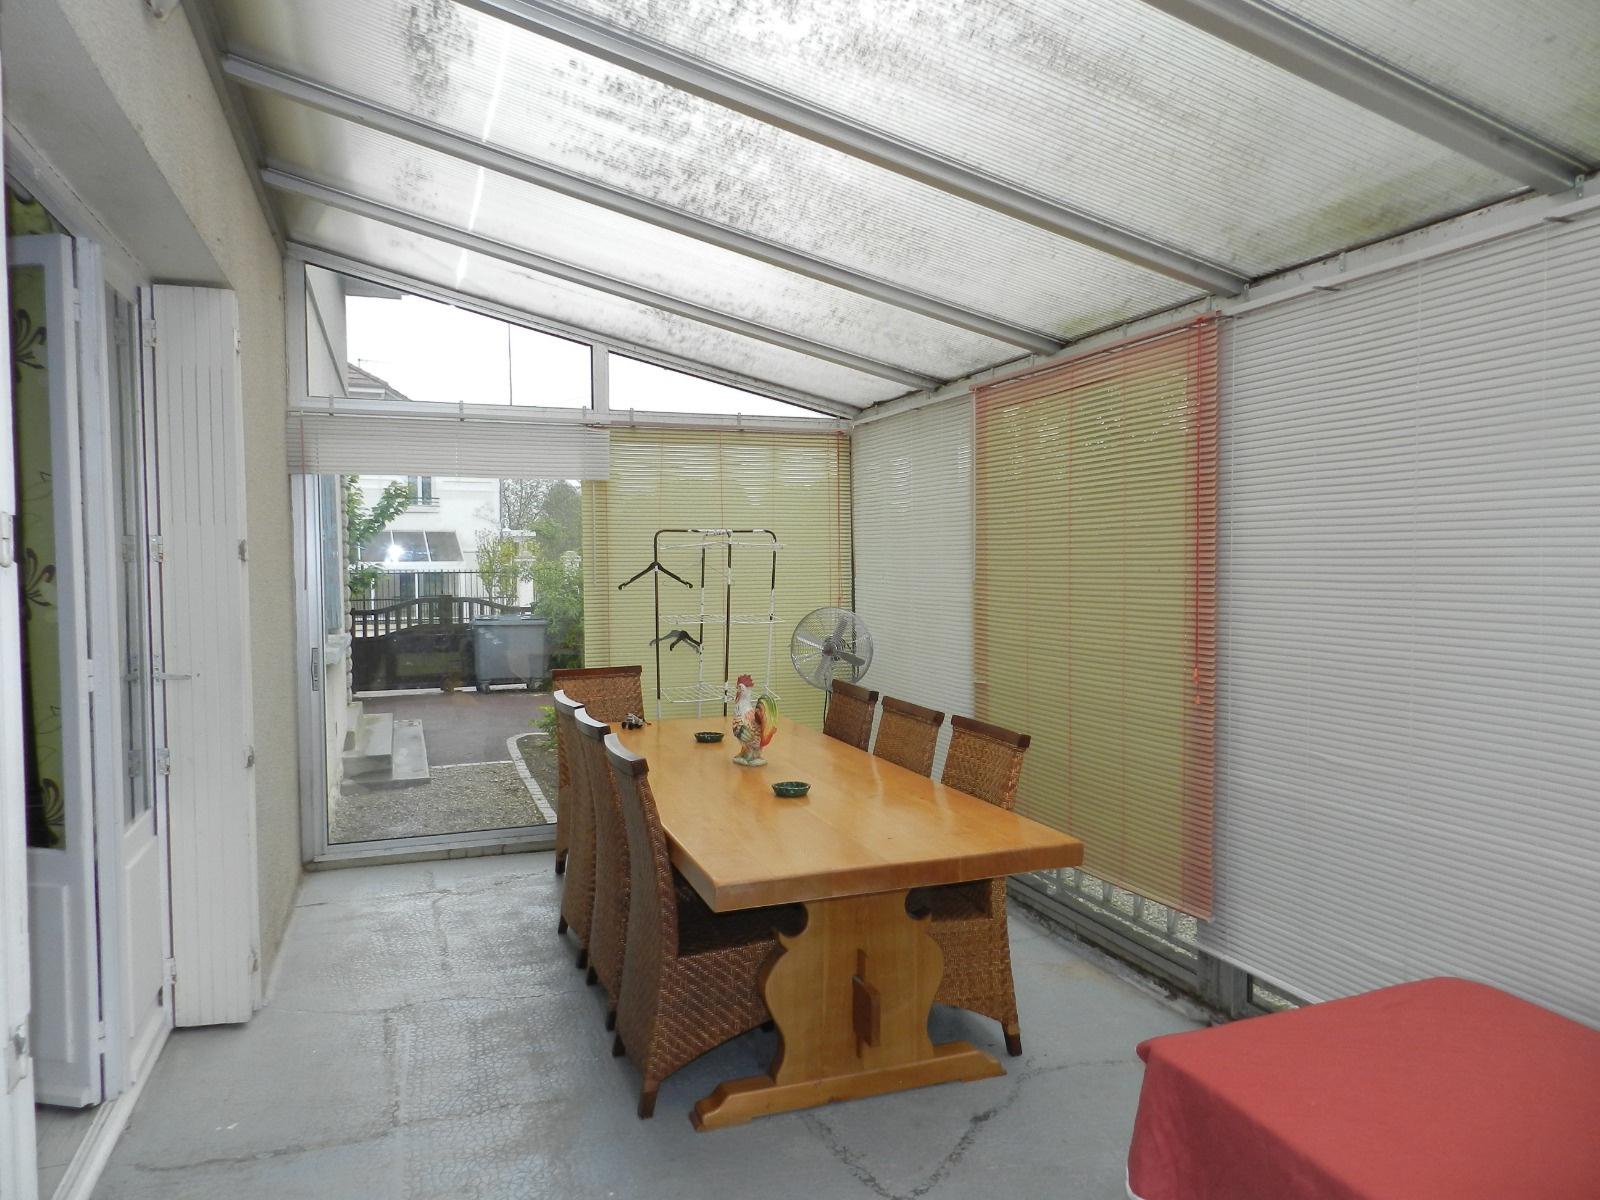 troyes a 5 mn apres barberey maison de 120 m de 1964 sur sous sol cave a renover. Black Bedroom Furniture Sets. Home Design Ideas